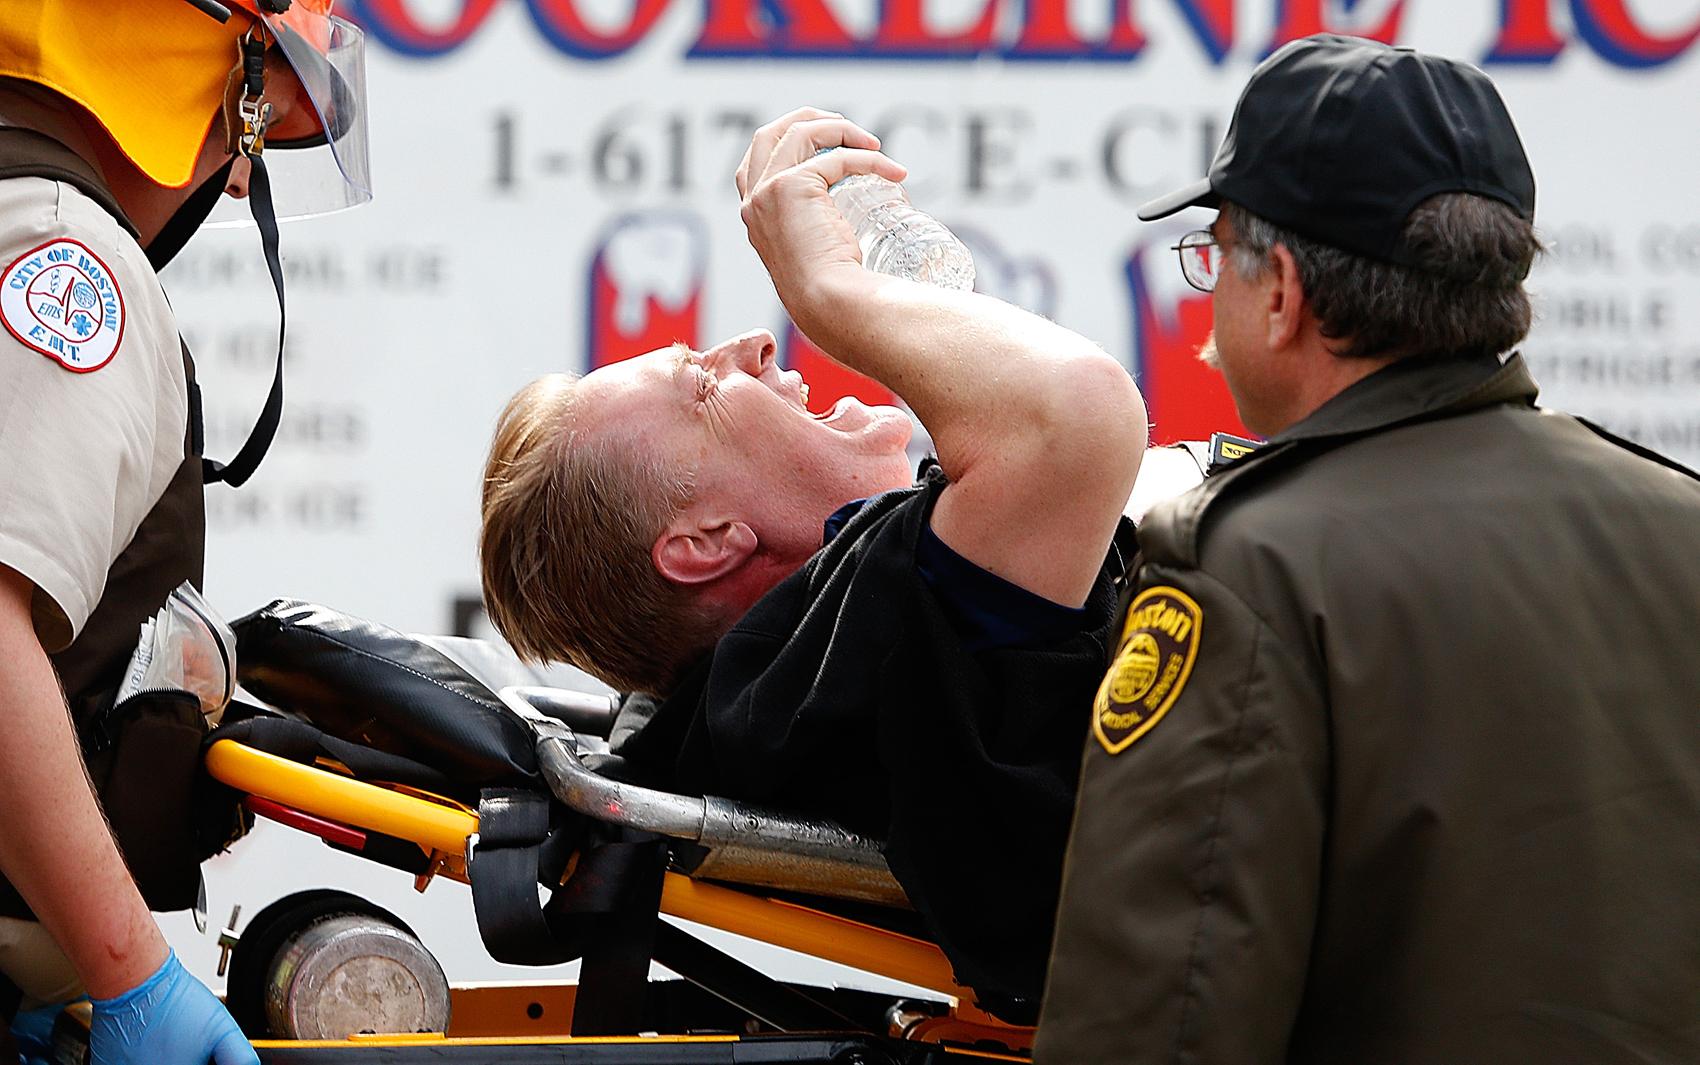 Ferido é levado para ambulância depois de explosões deixarem duas pessoas mortas.